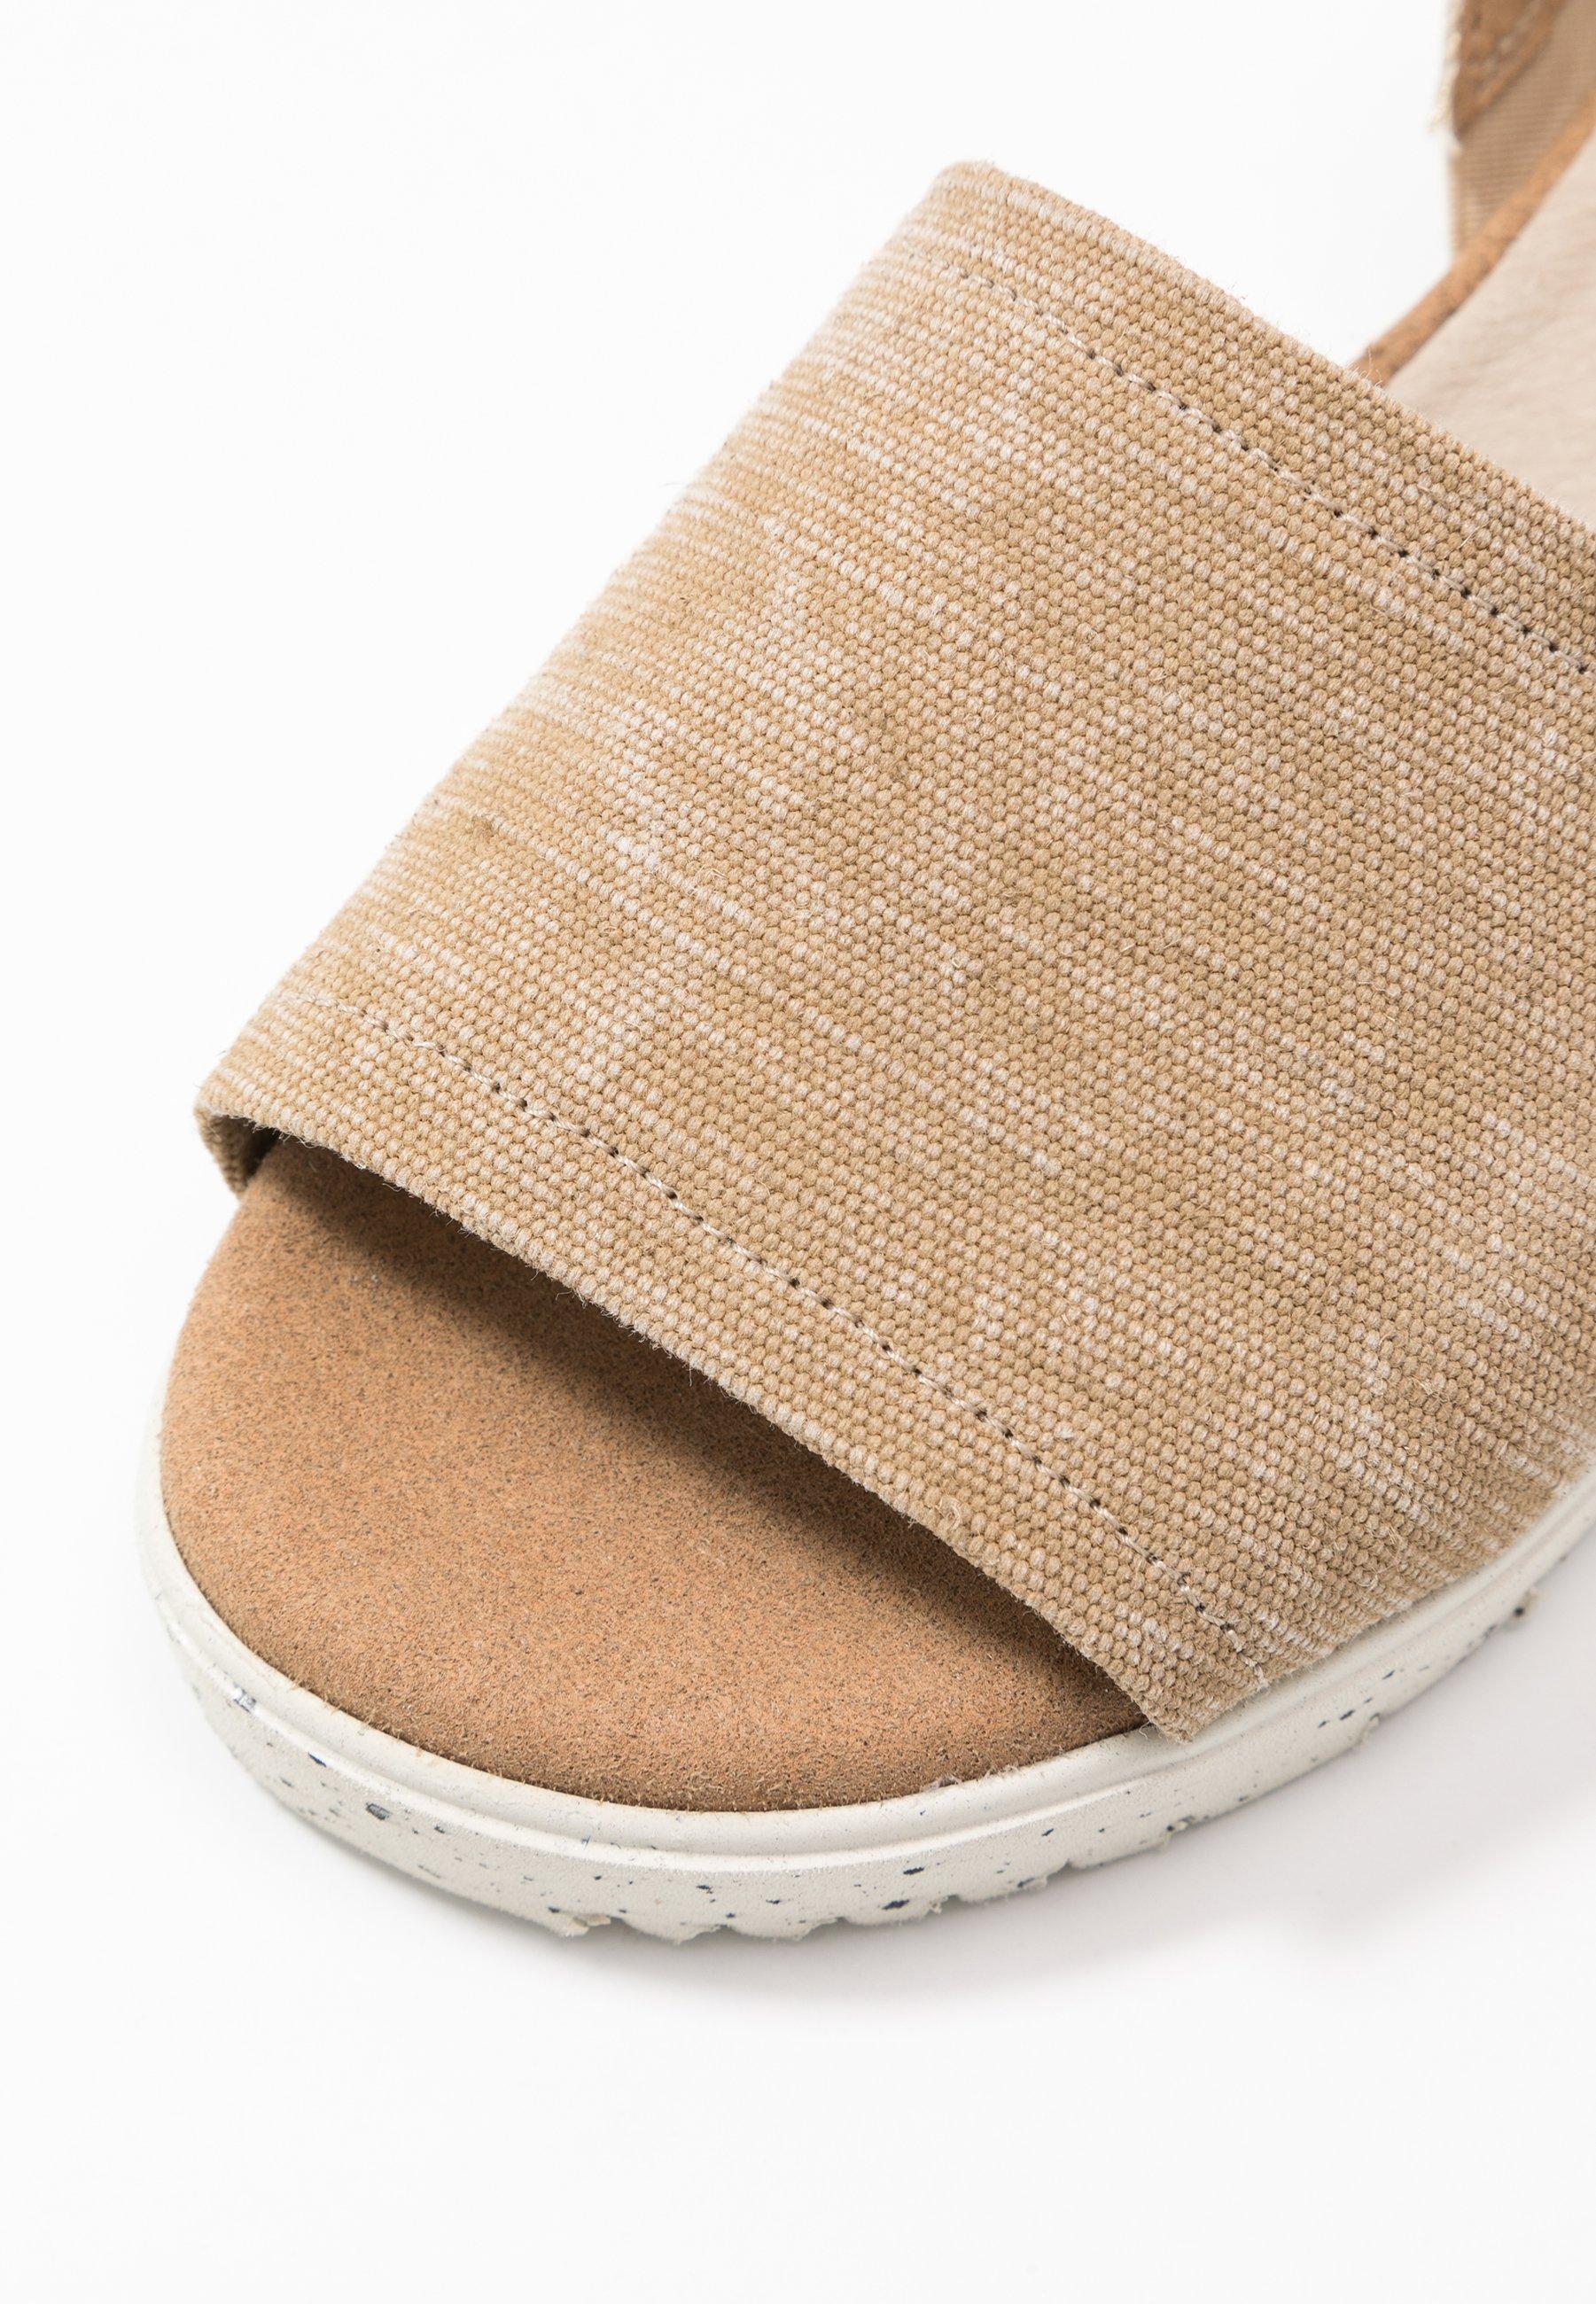 Sandaler sahara